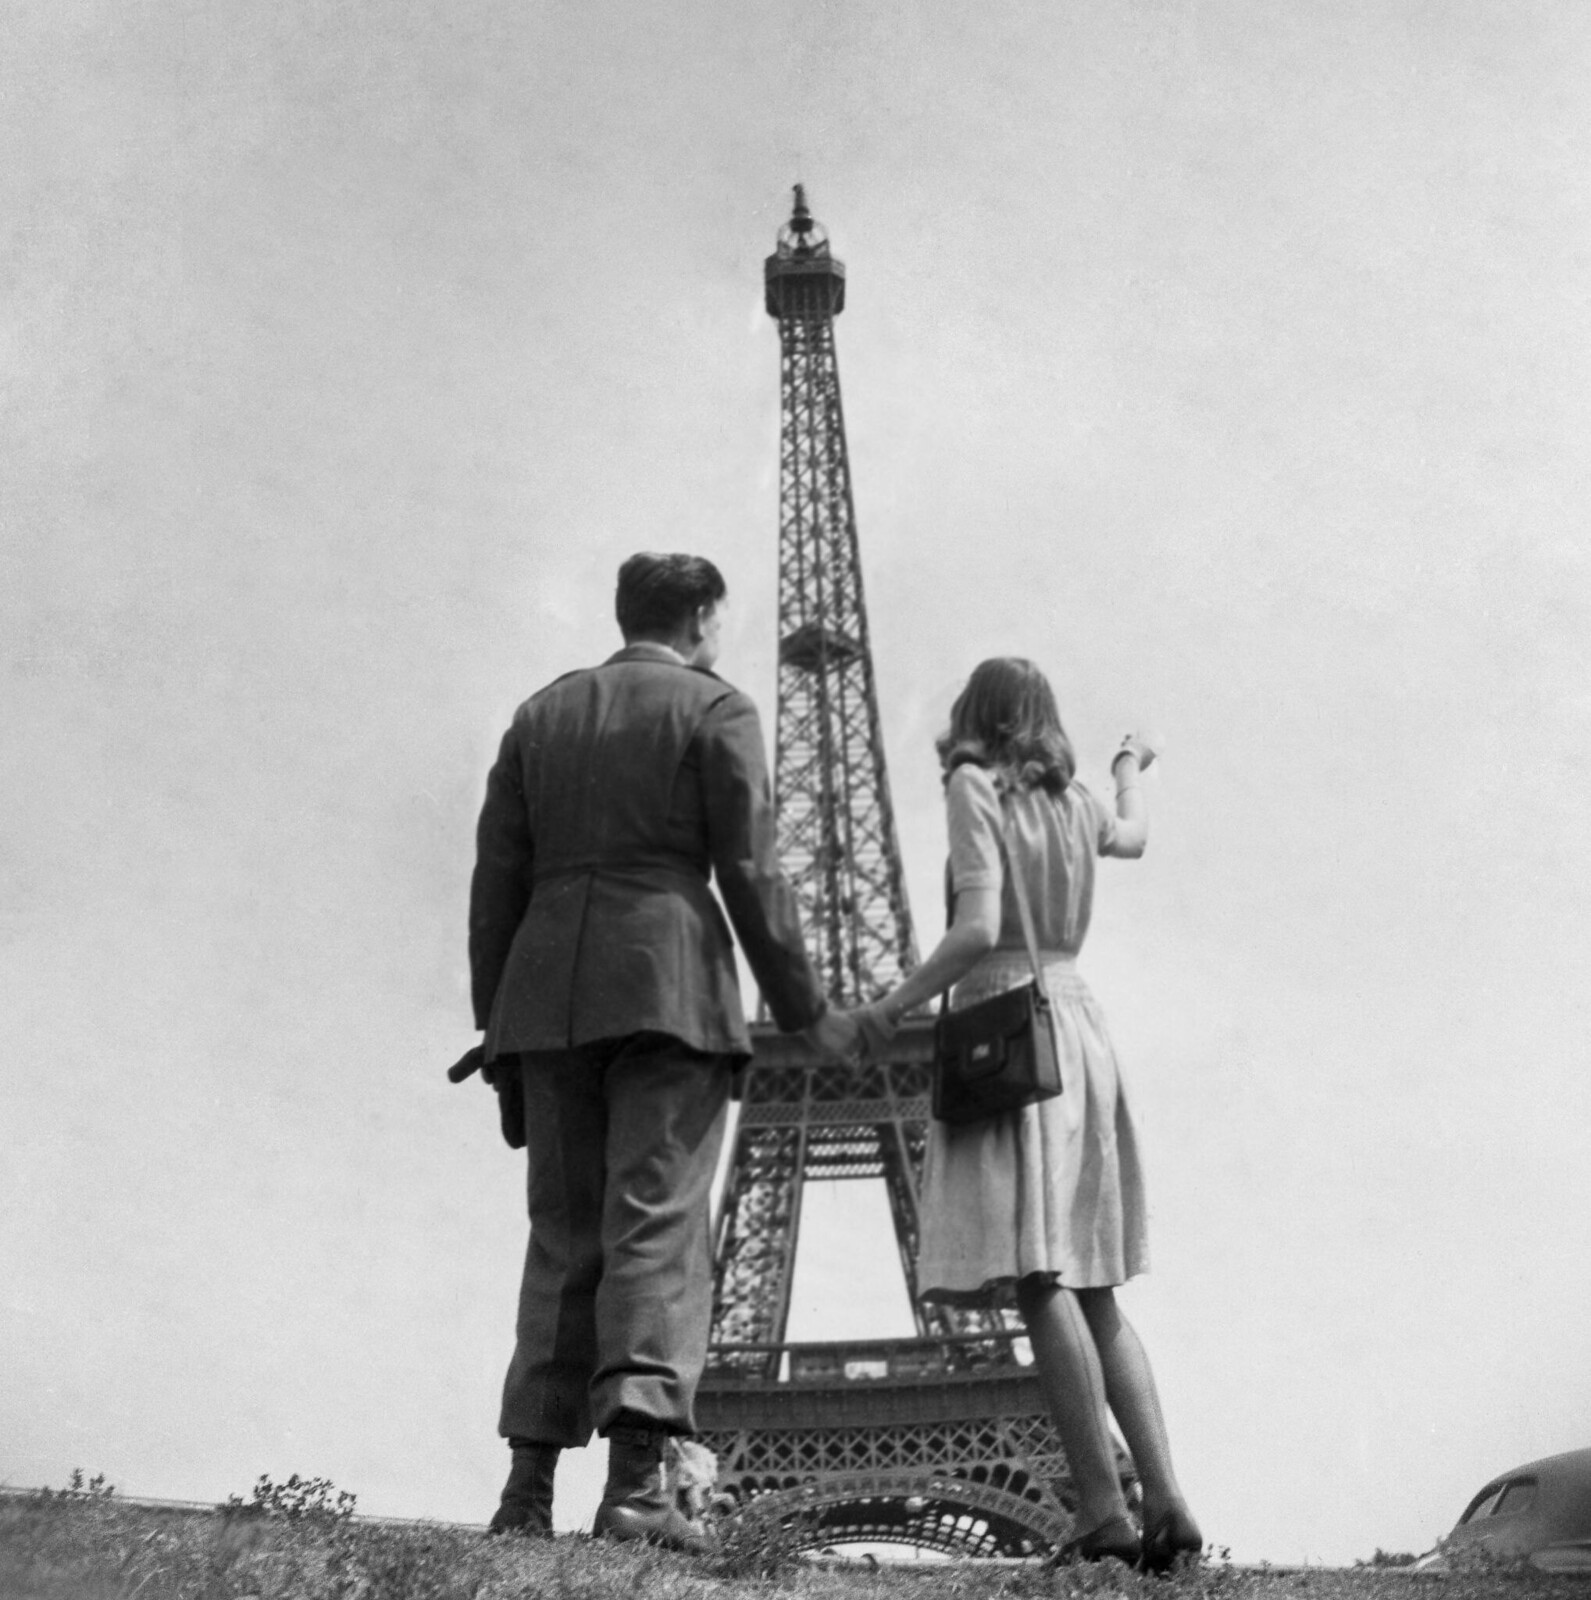 1944. Американский солдат в паре с парижанкой смотрит на Эйфелеву башню